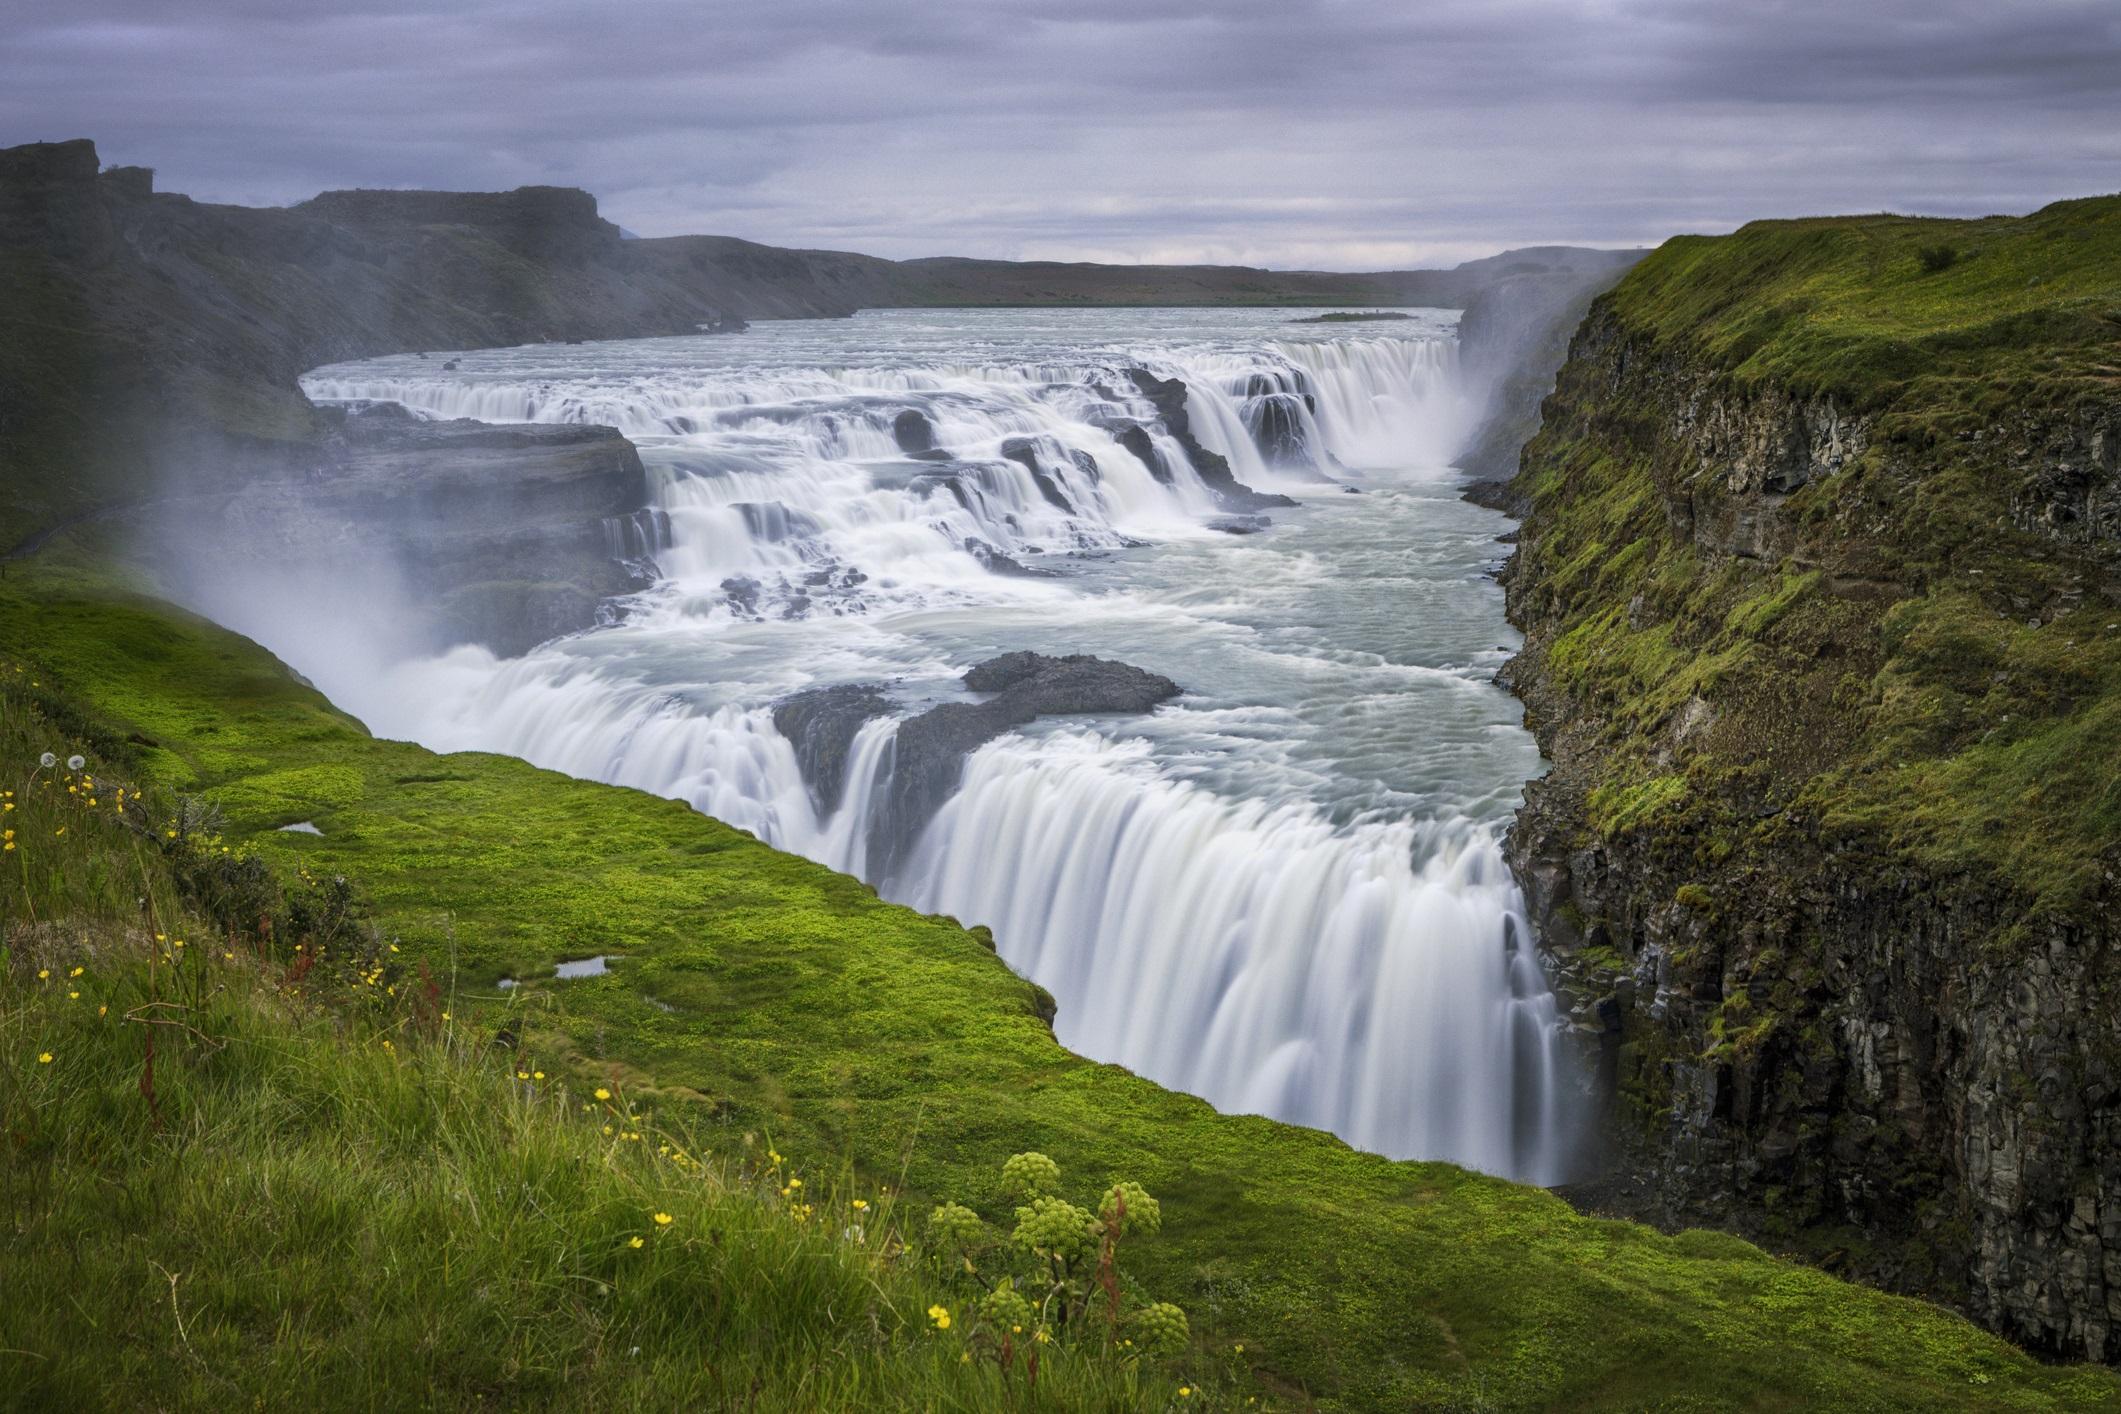 <p><strong>Гълфос, Исландия</strong></p>  <p>Наричат Исландия &quot;Земя на огън и лед&quot;. А където има лед, има и много вода, какъвто е случаят с гигантския Гълфос (Златният водопад). Той е широк 229 метра и изсипва водите си през две тераси в огромна пропаст. Водопадът се намира на пътя на известен туристически маршрут, което го прави лесно достъпен.</p>